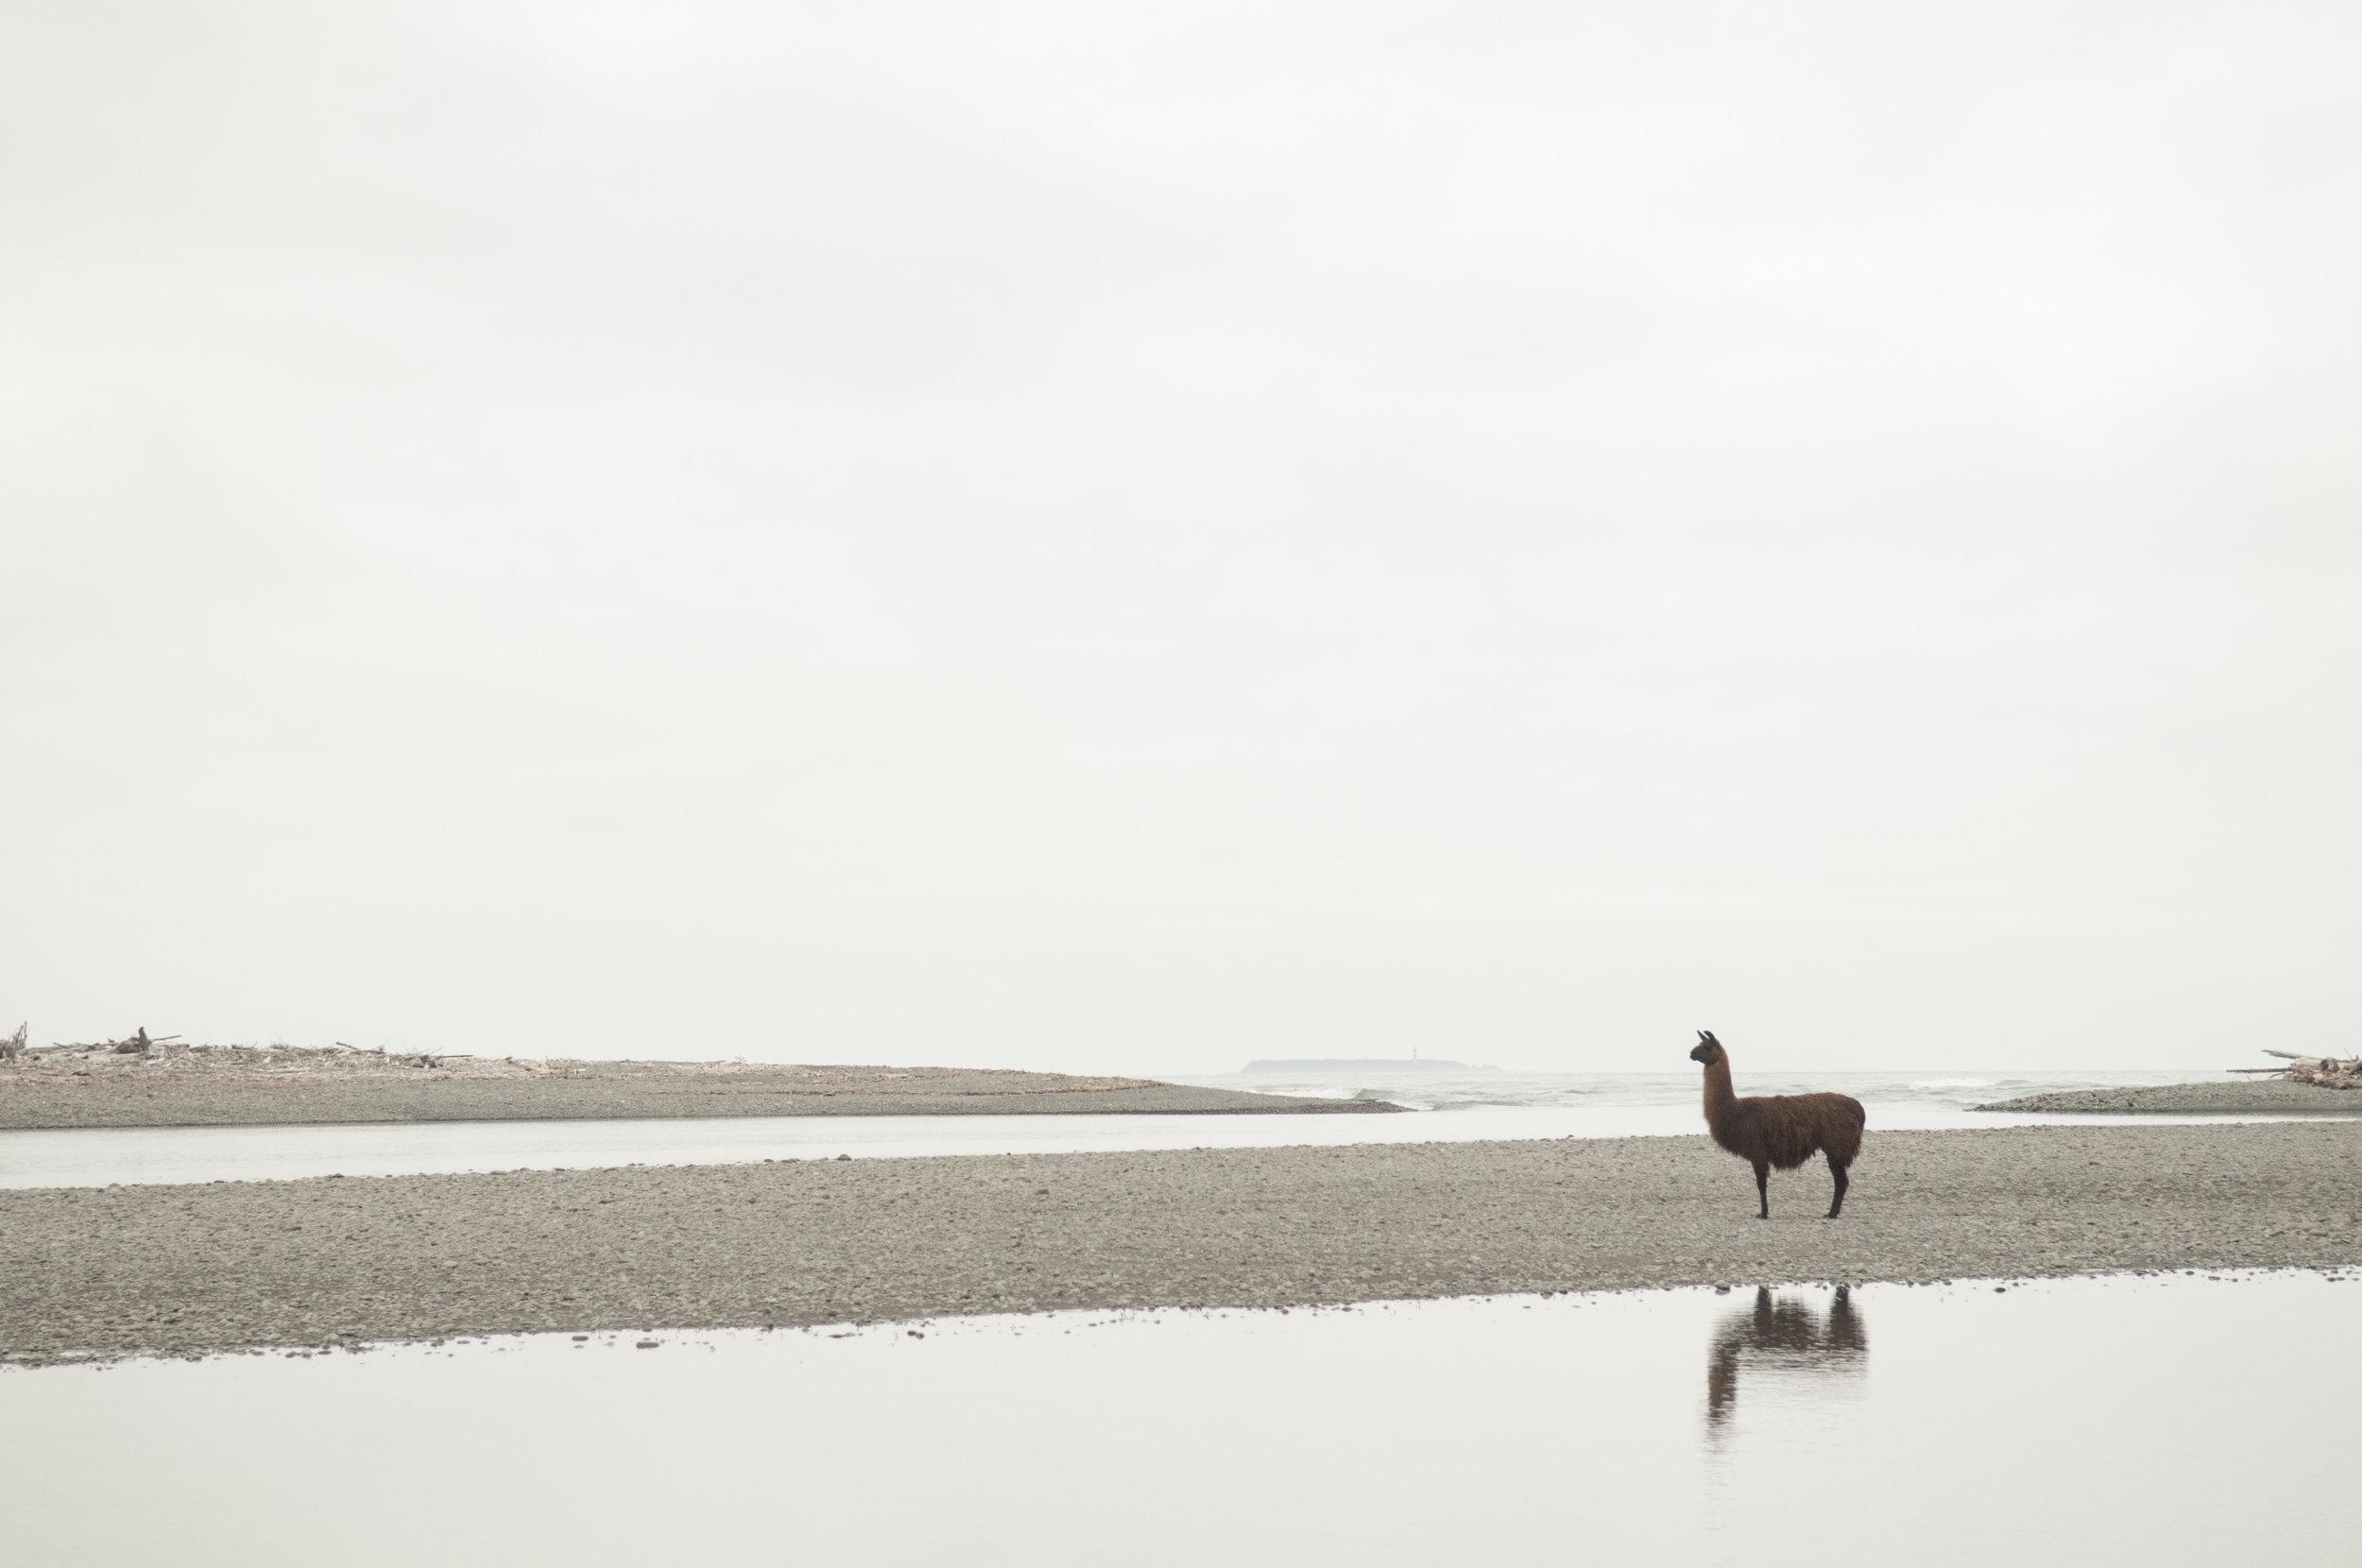 """The """"Hoh River Llama"""" at the mouth of the Hoh River. Photo by Nikolaj Lasbo/TNC"""